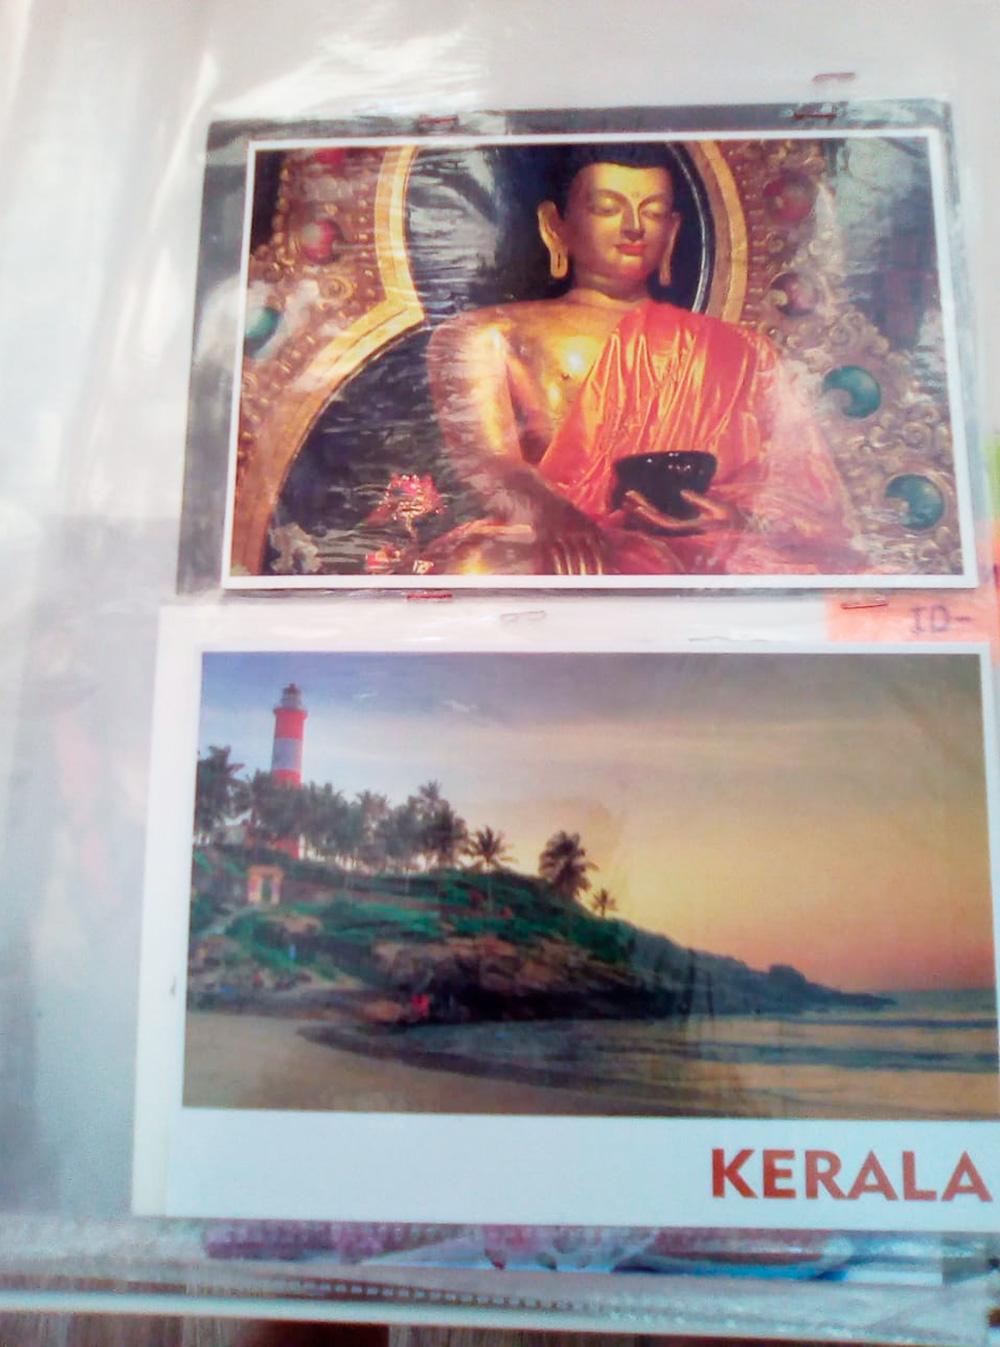 А эти открытки мне в благодарность прислал работник почтовой службы из Индии